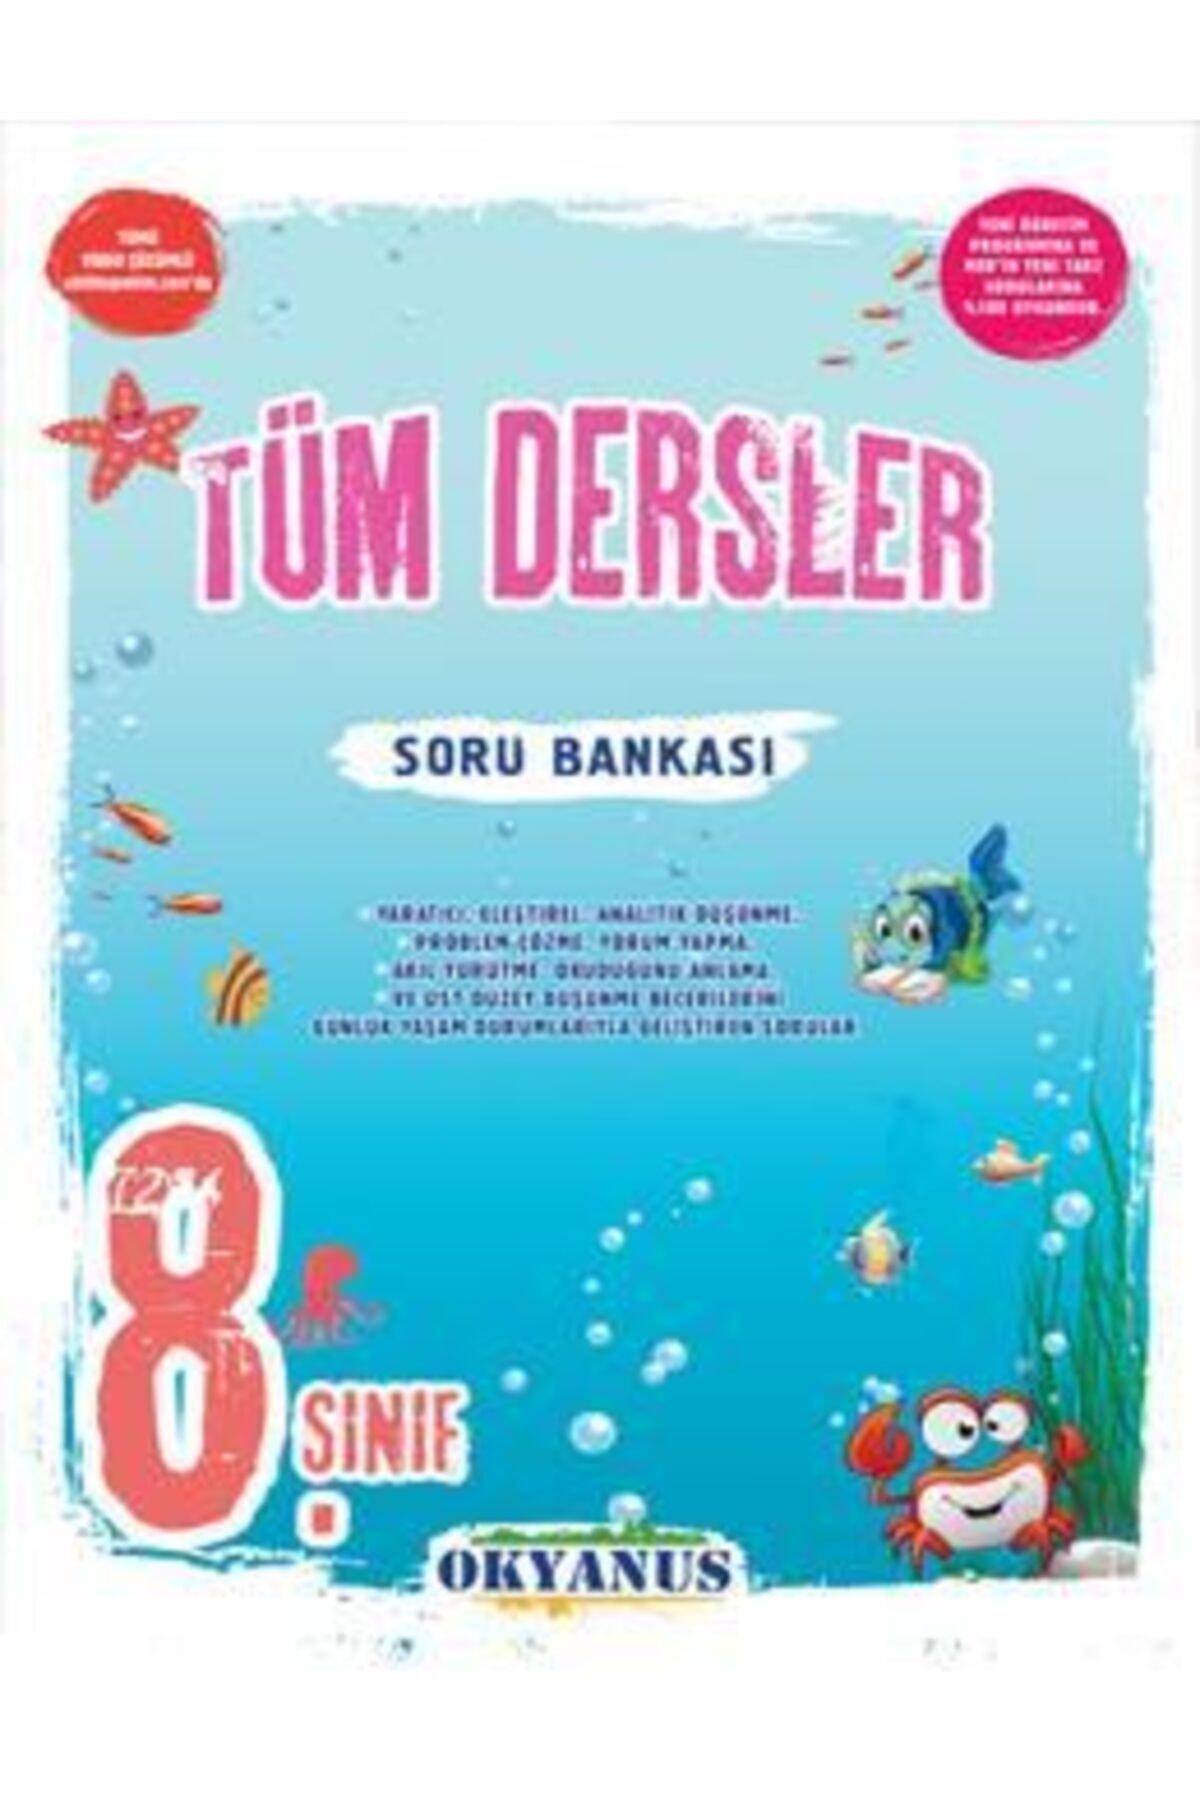 Okyanus Yayınları 8. Sınıf Lgs Tüm Dersler Soru Bankası 1